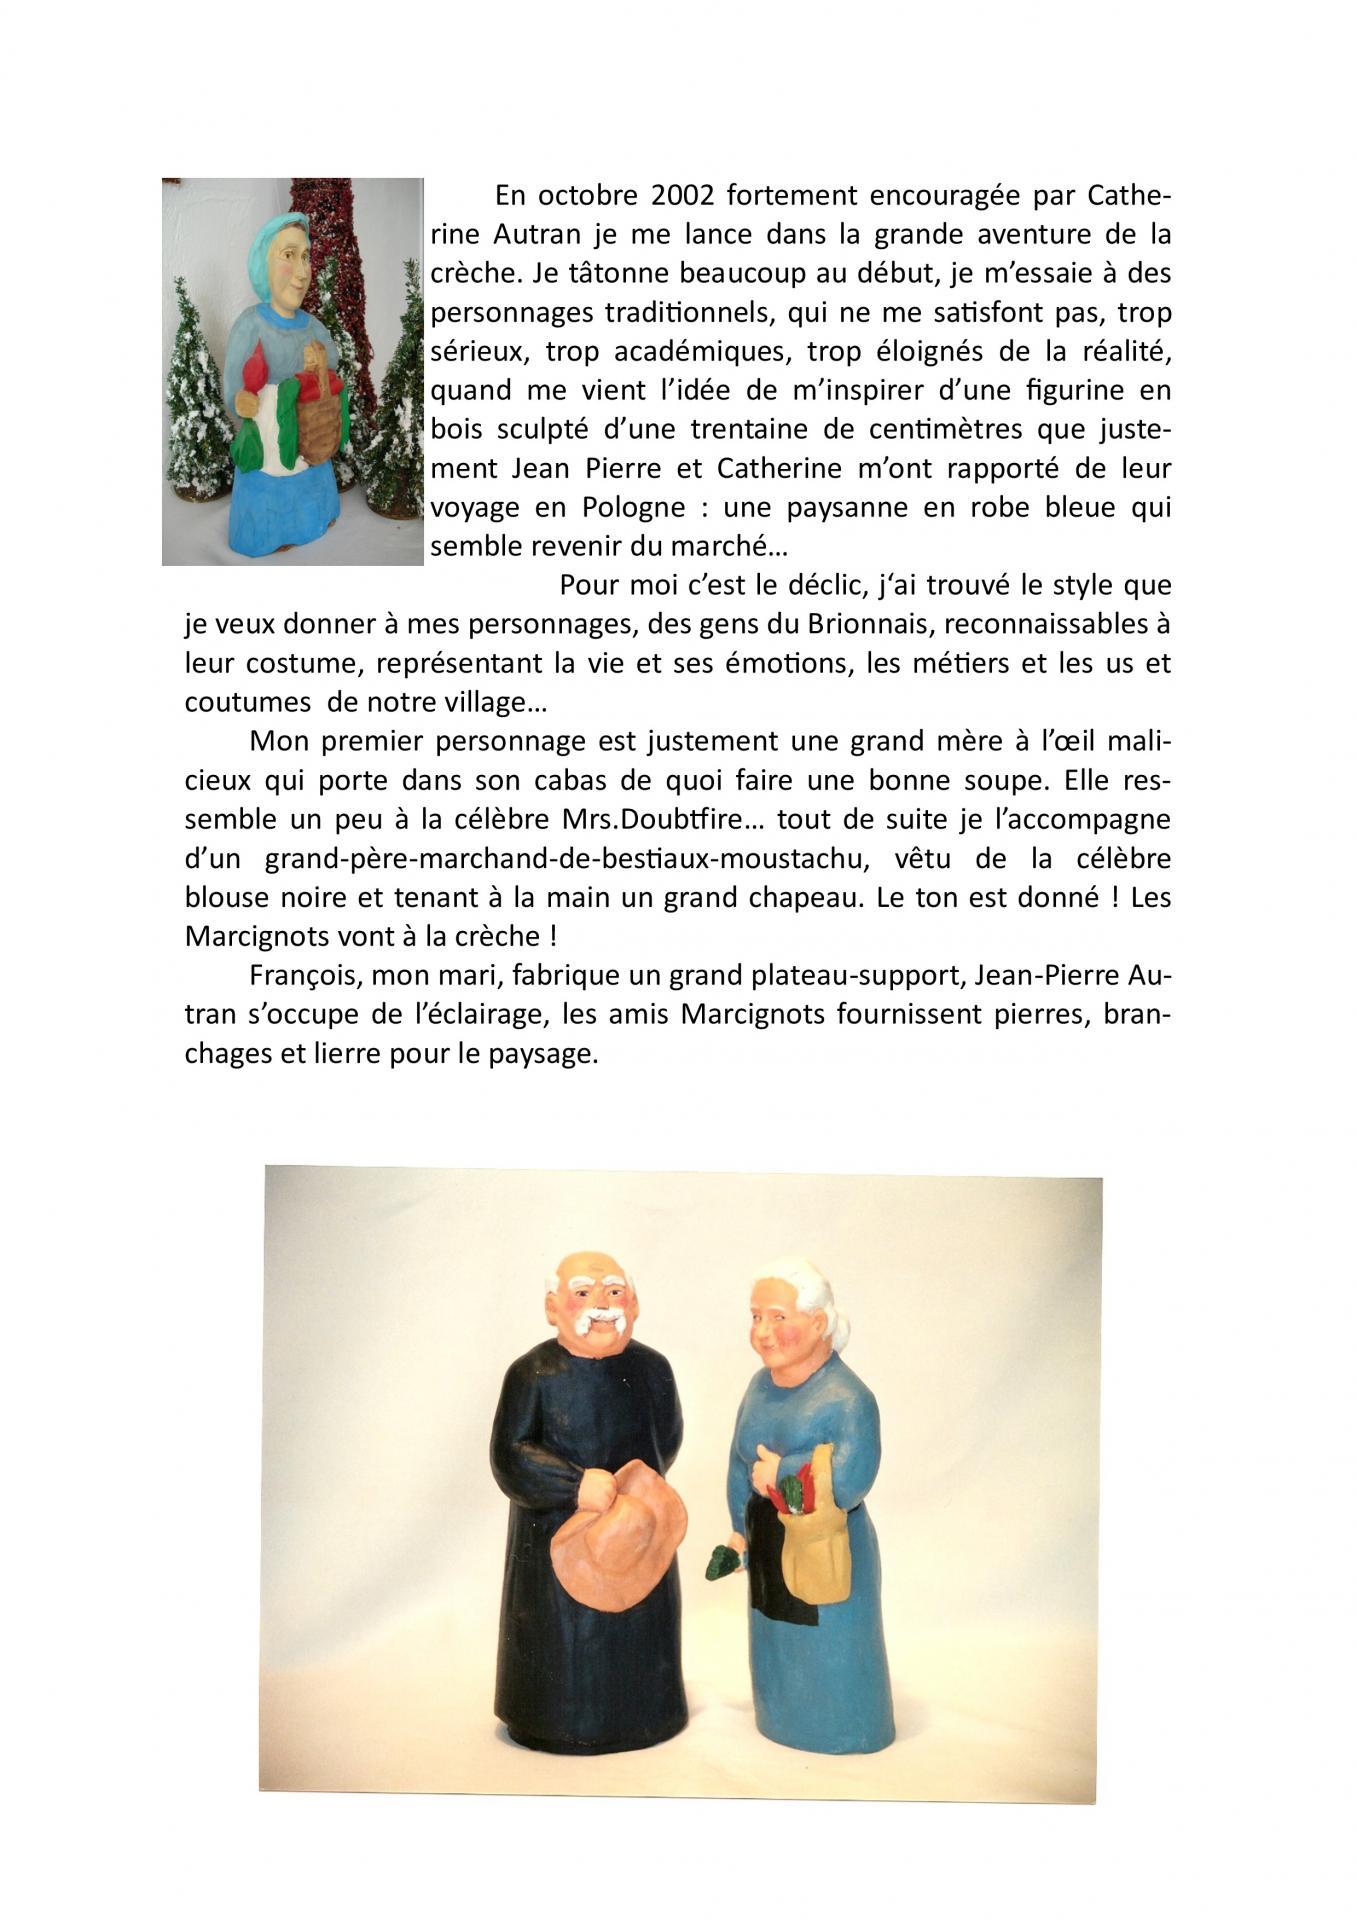 La cra che 1 2002 page 0